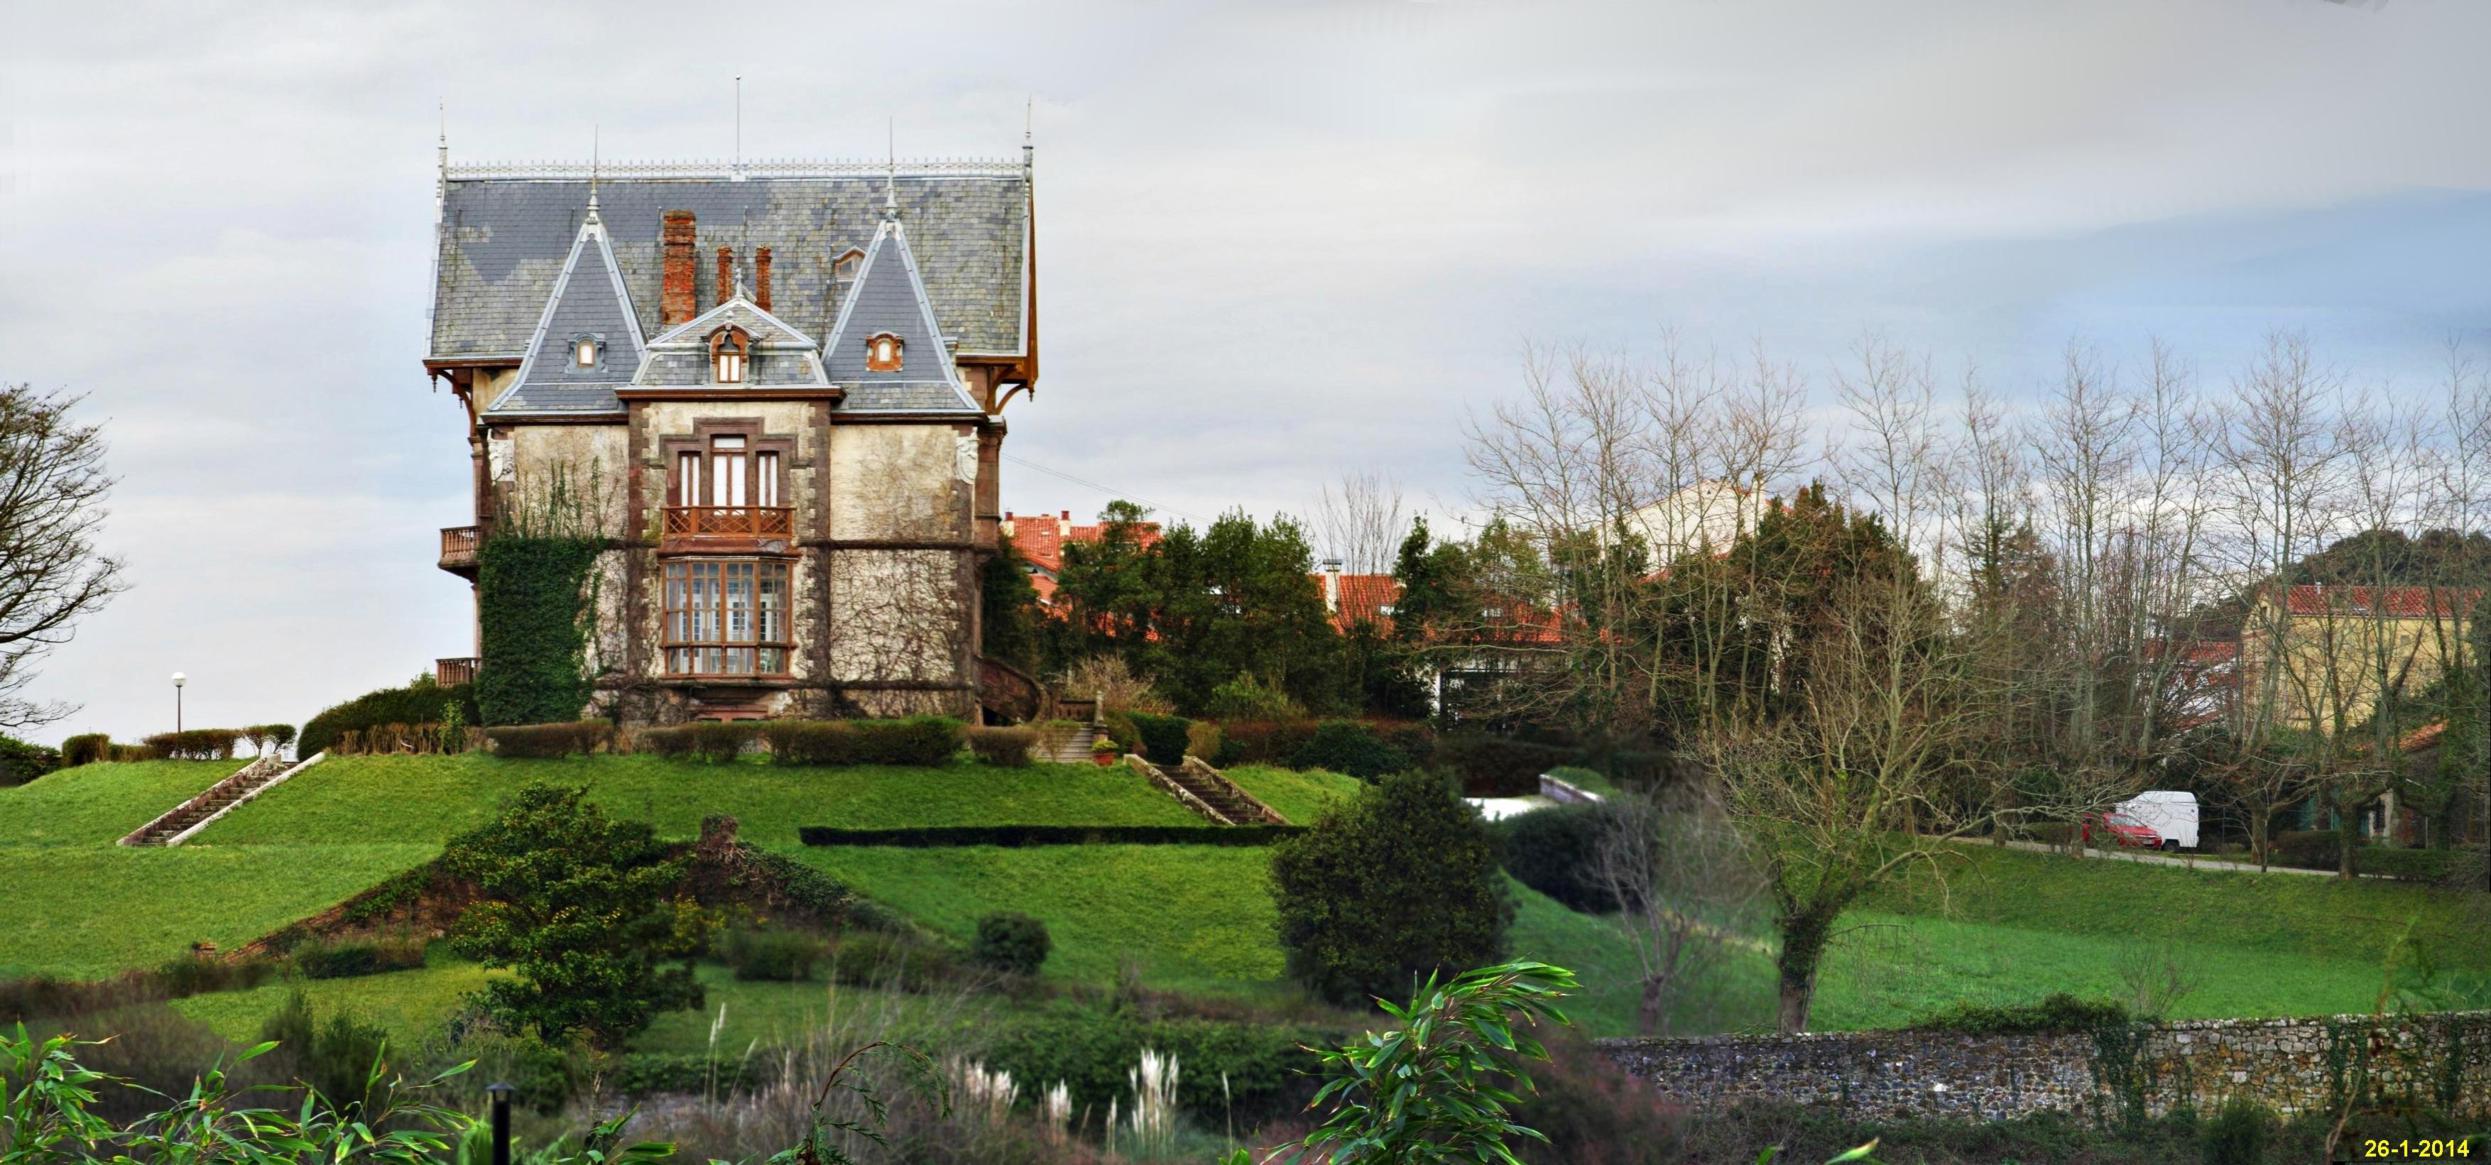 Casa del duque en comillas fotos de cantabria - Casas de pueblo en cantabria ...